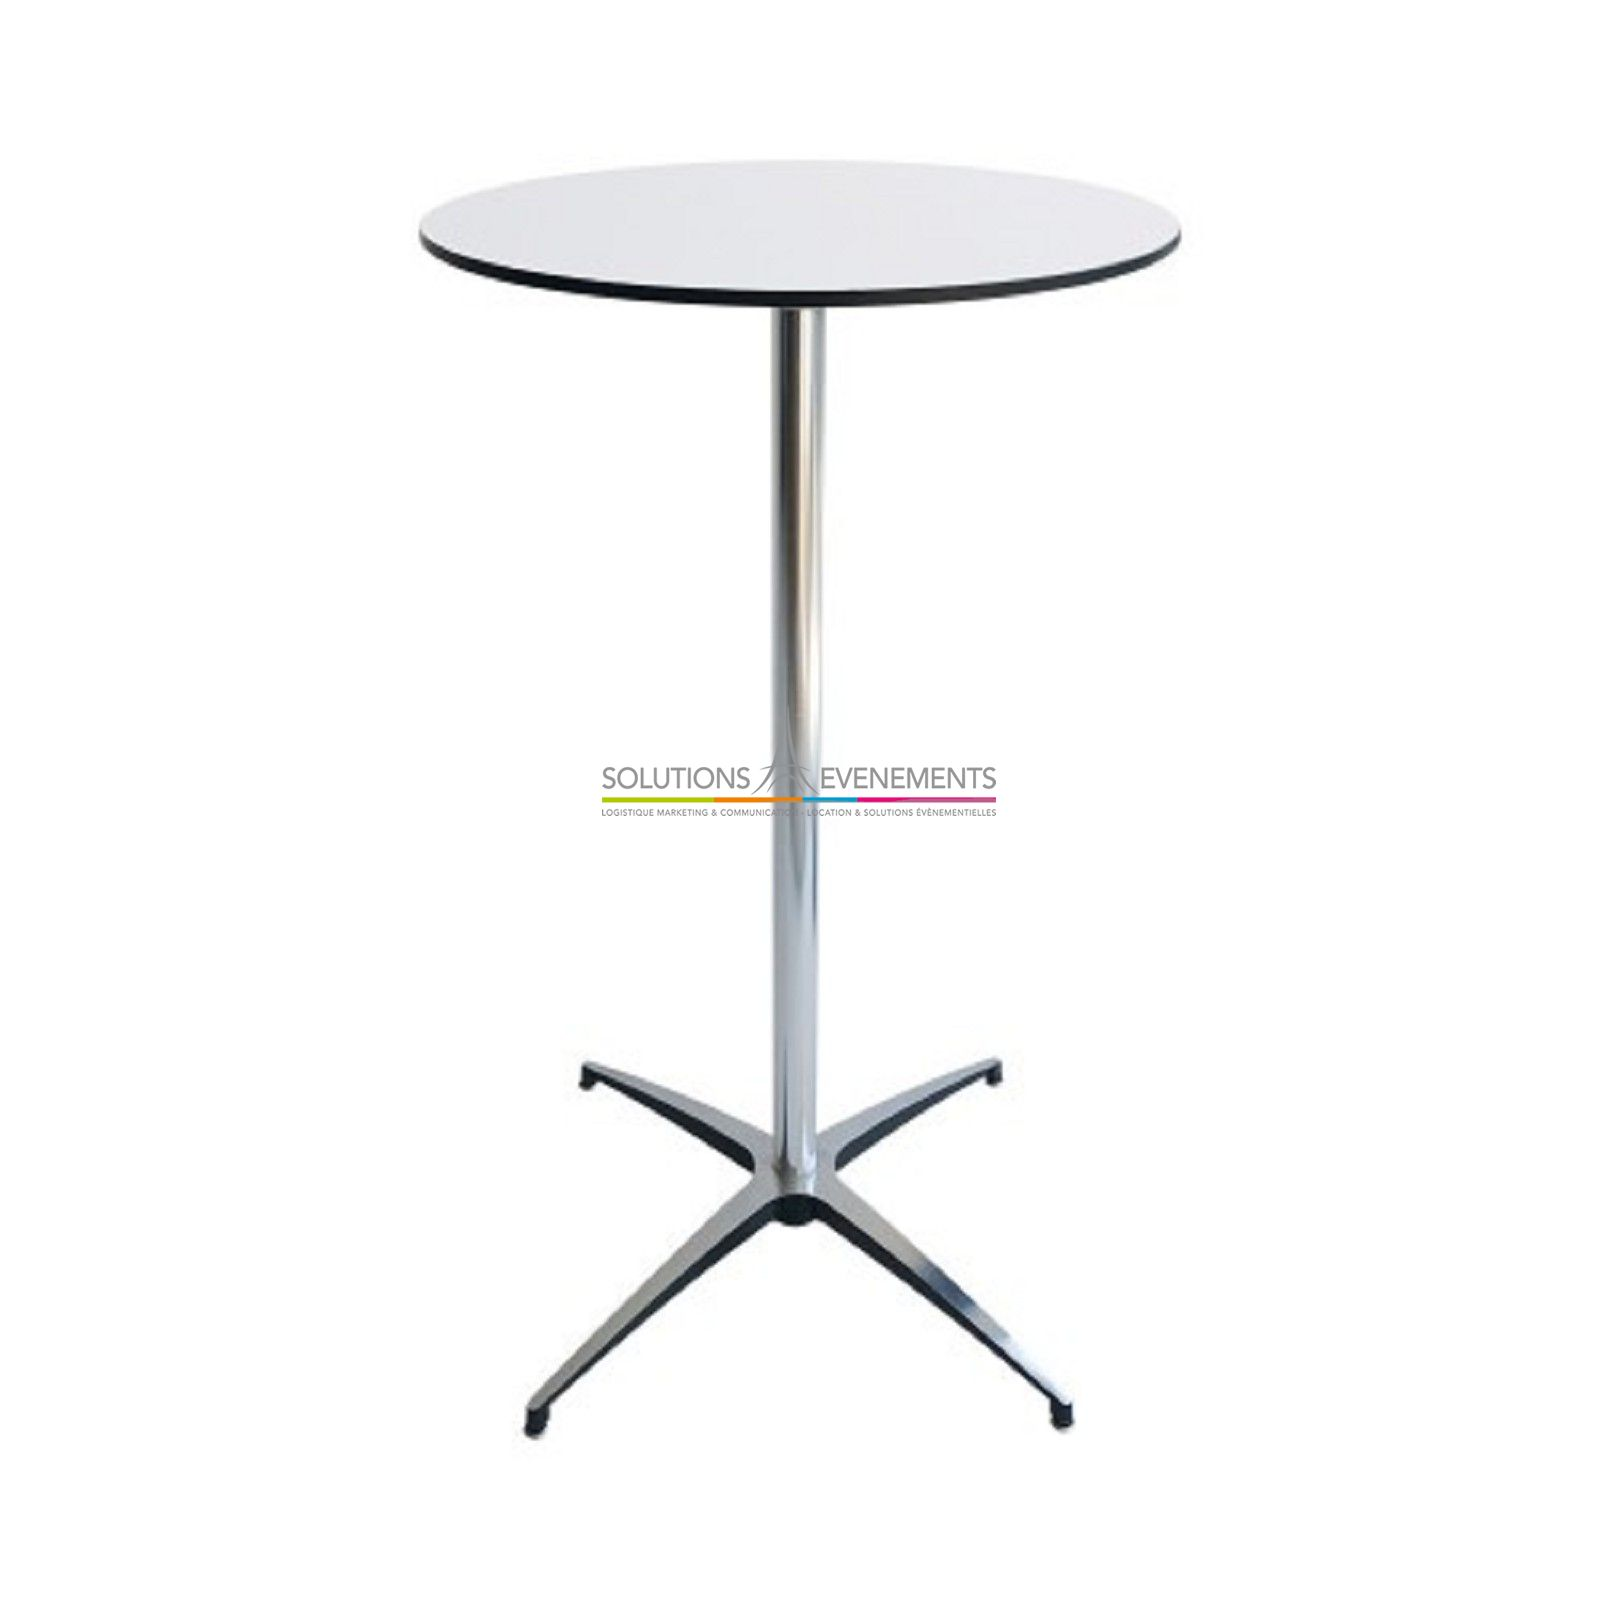 location table haute mange debout blanc et couleur solutions evenements. Black Bedroom Furniture Sets. Home Design Ideas